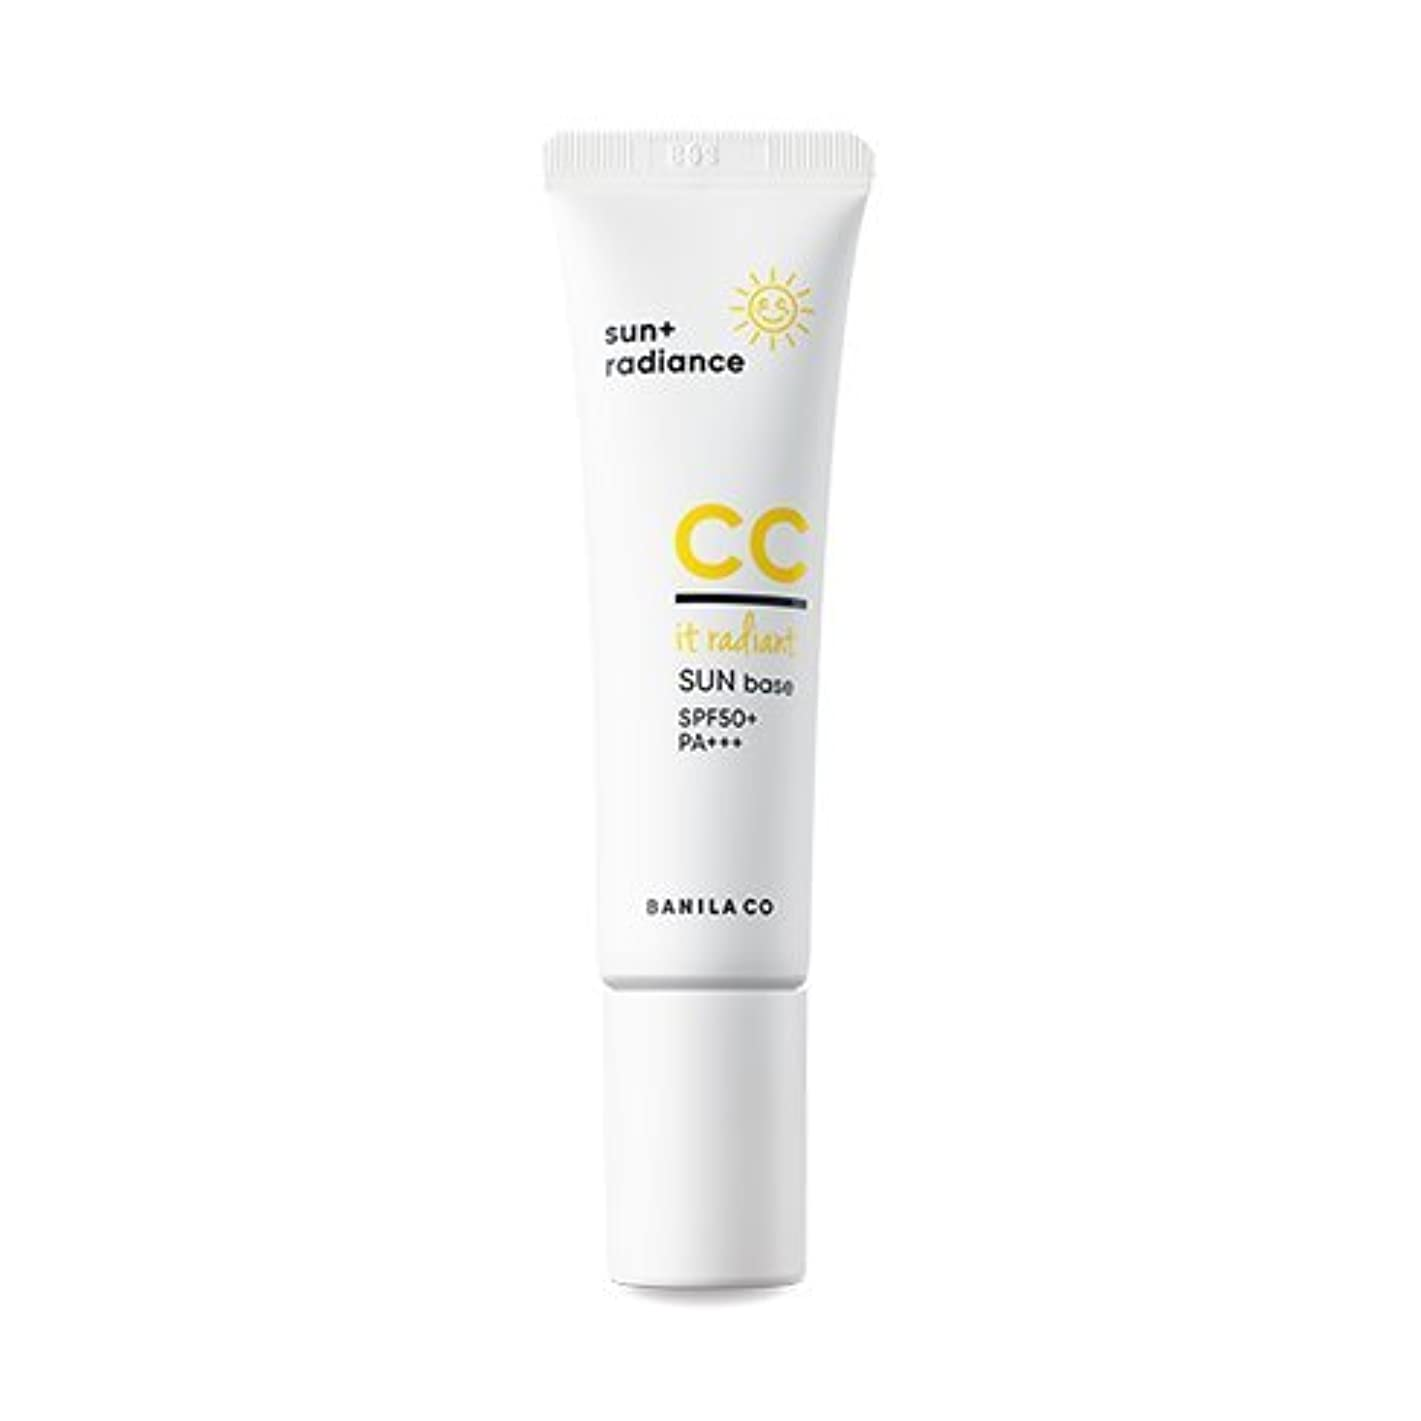 行進ハブ不機嫌そうな[Renewal] BANILA CO It Radiant CC Sun Base 30ml/バニラコ イット ラディアント CC サン ベース 30ml [並行輸入品]